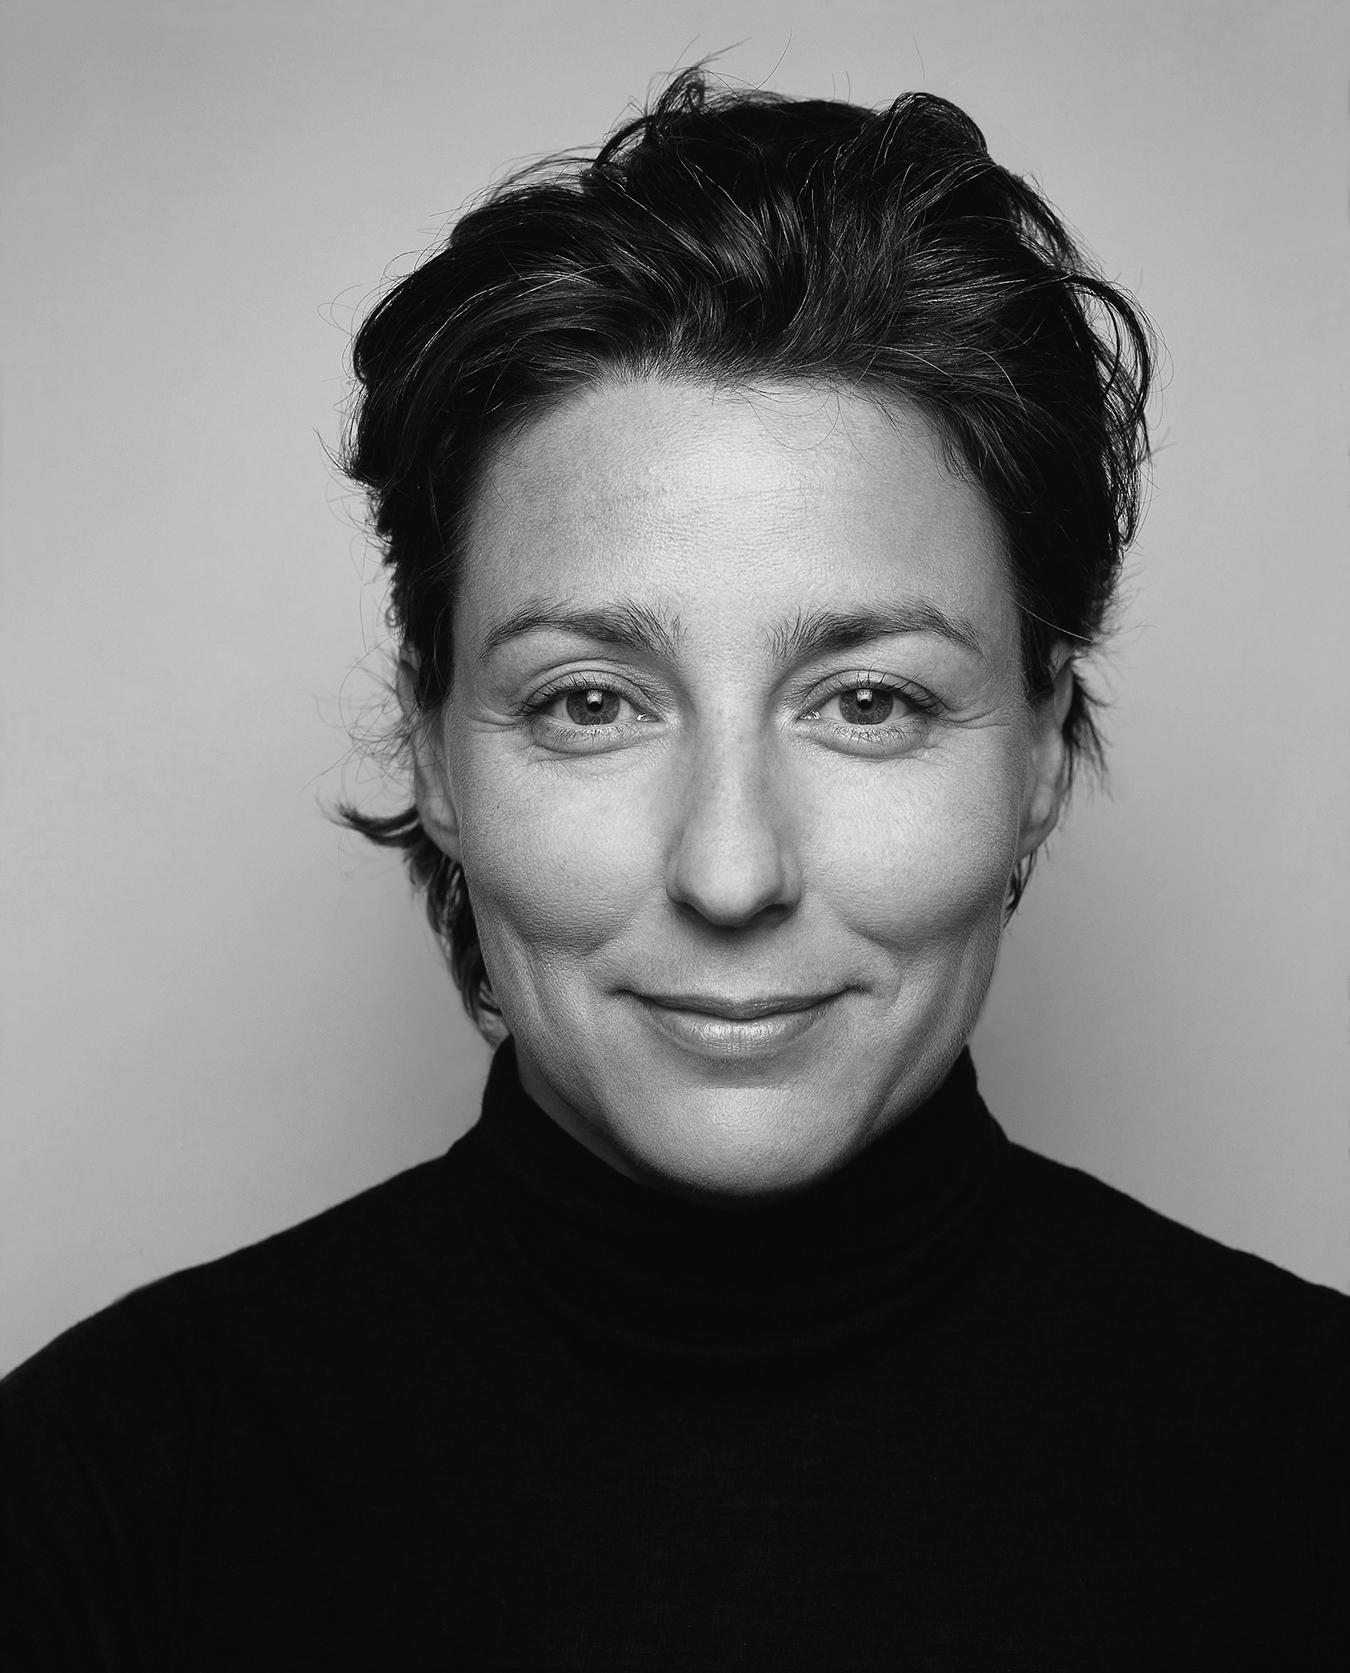 Brigitte Niedermair